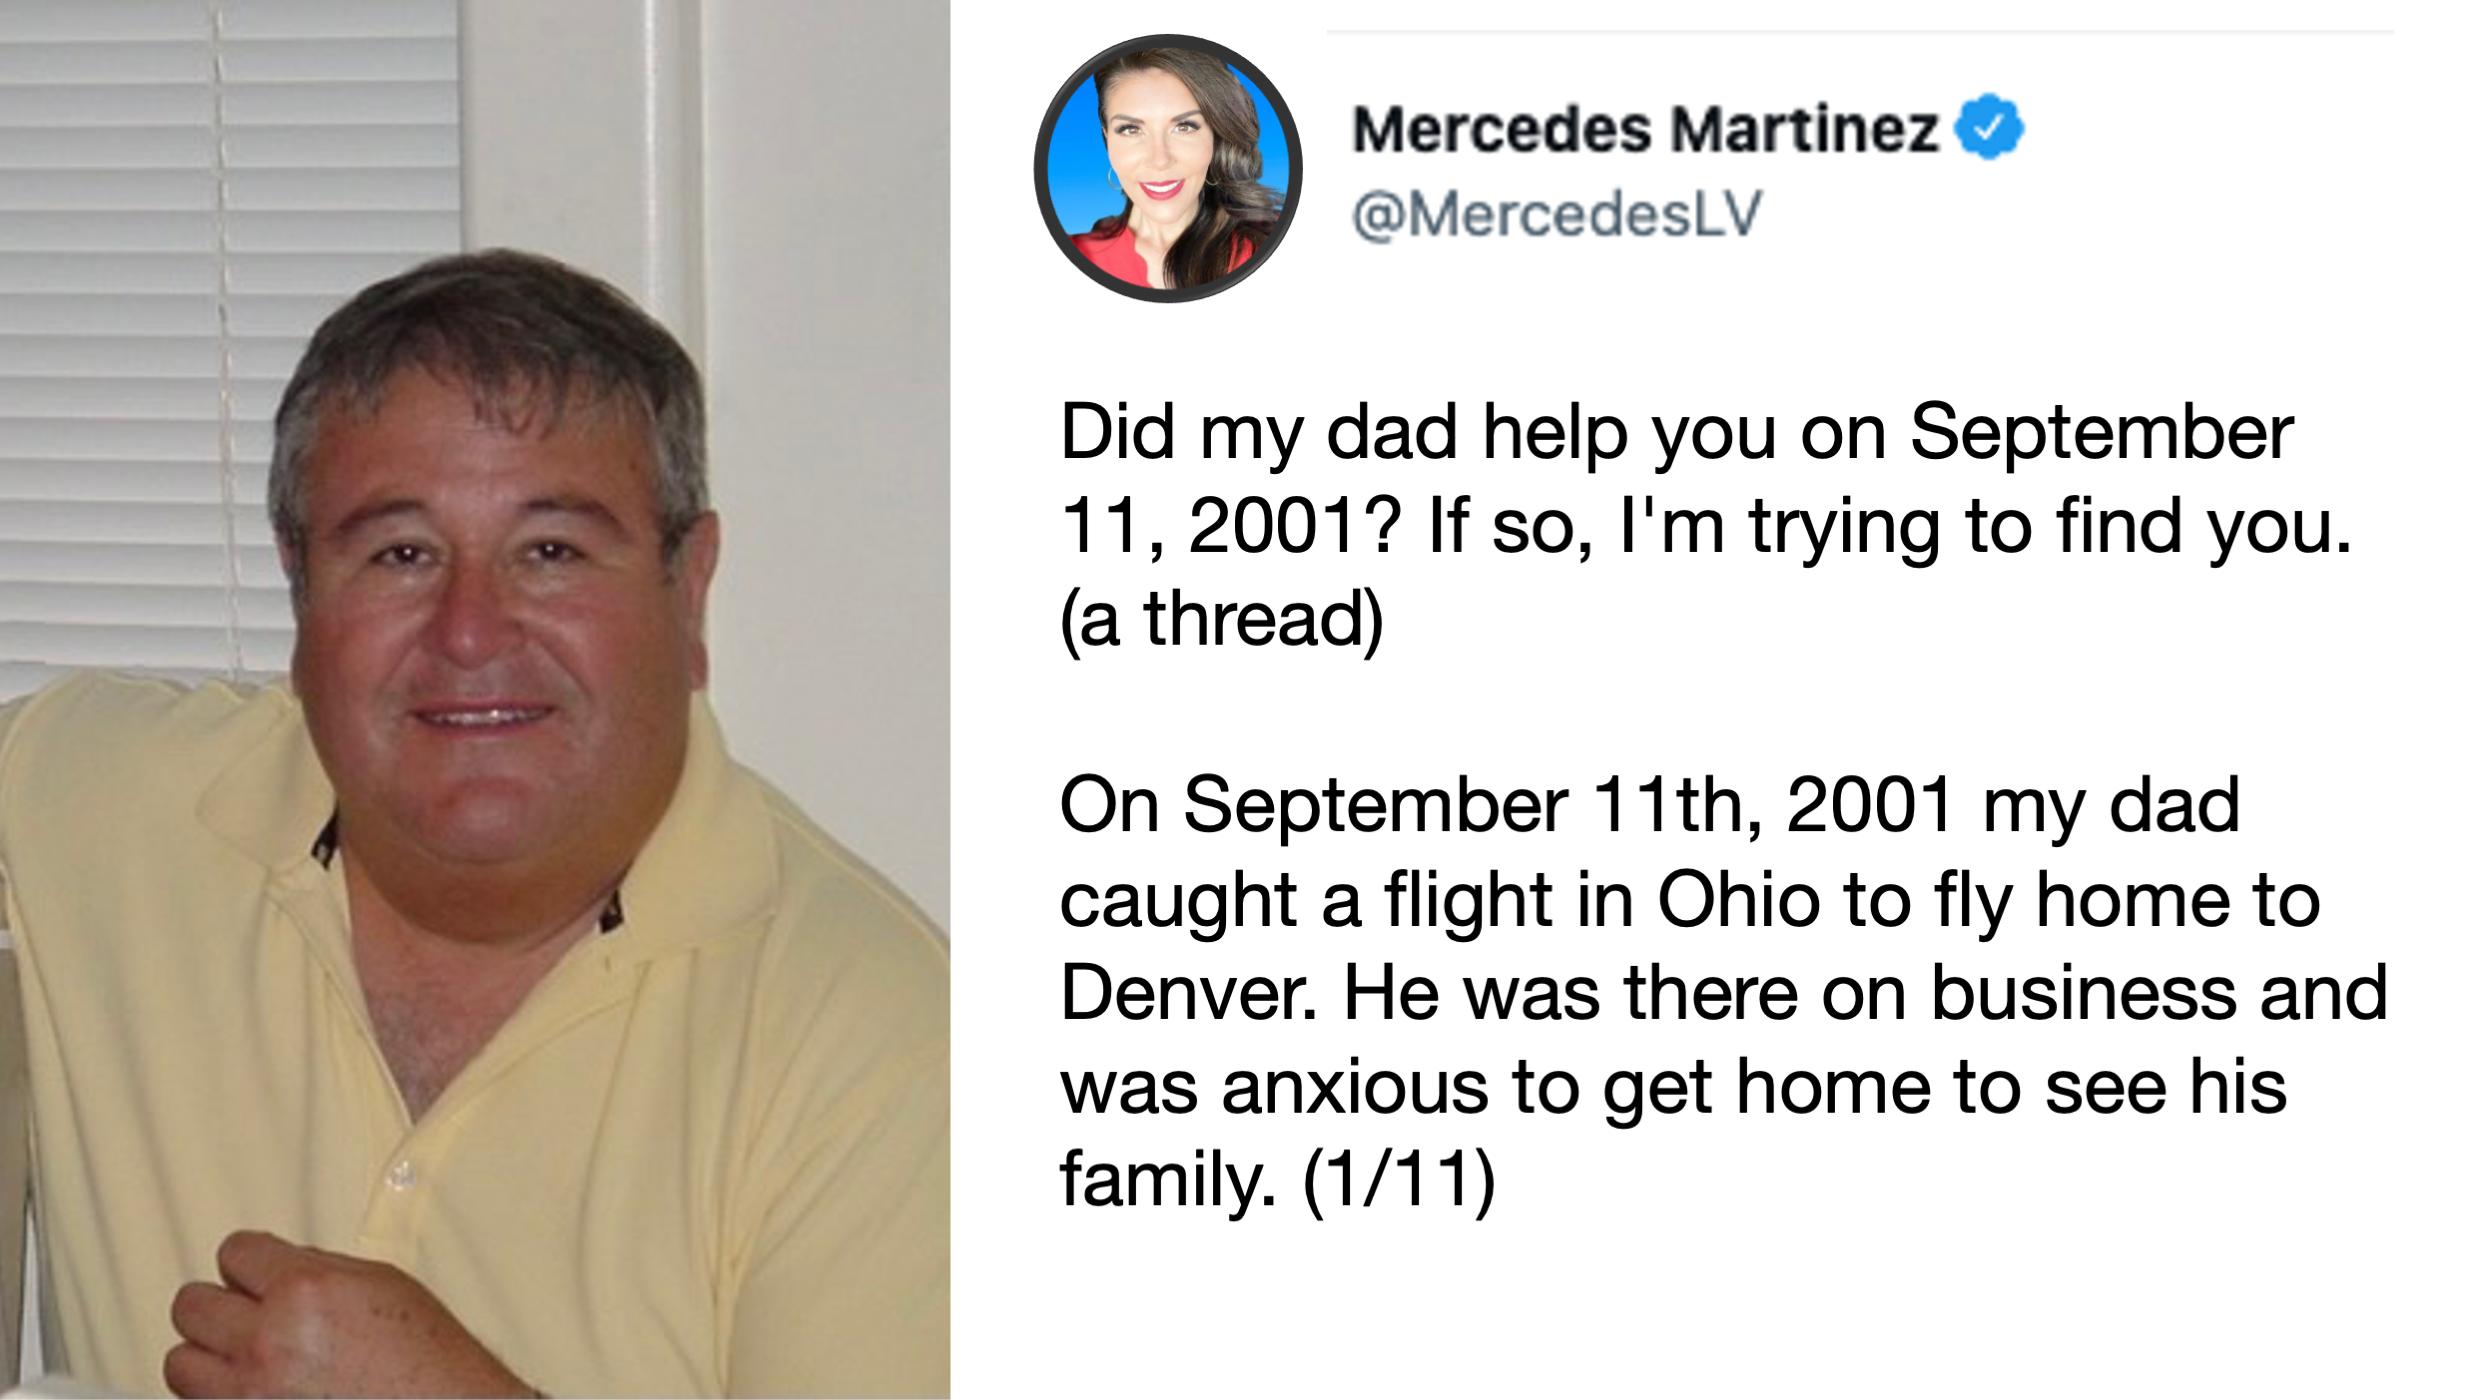 Mercedes Martinez Tweet about her father